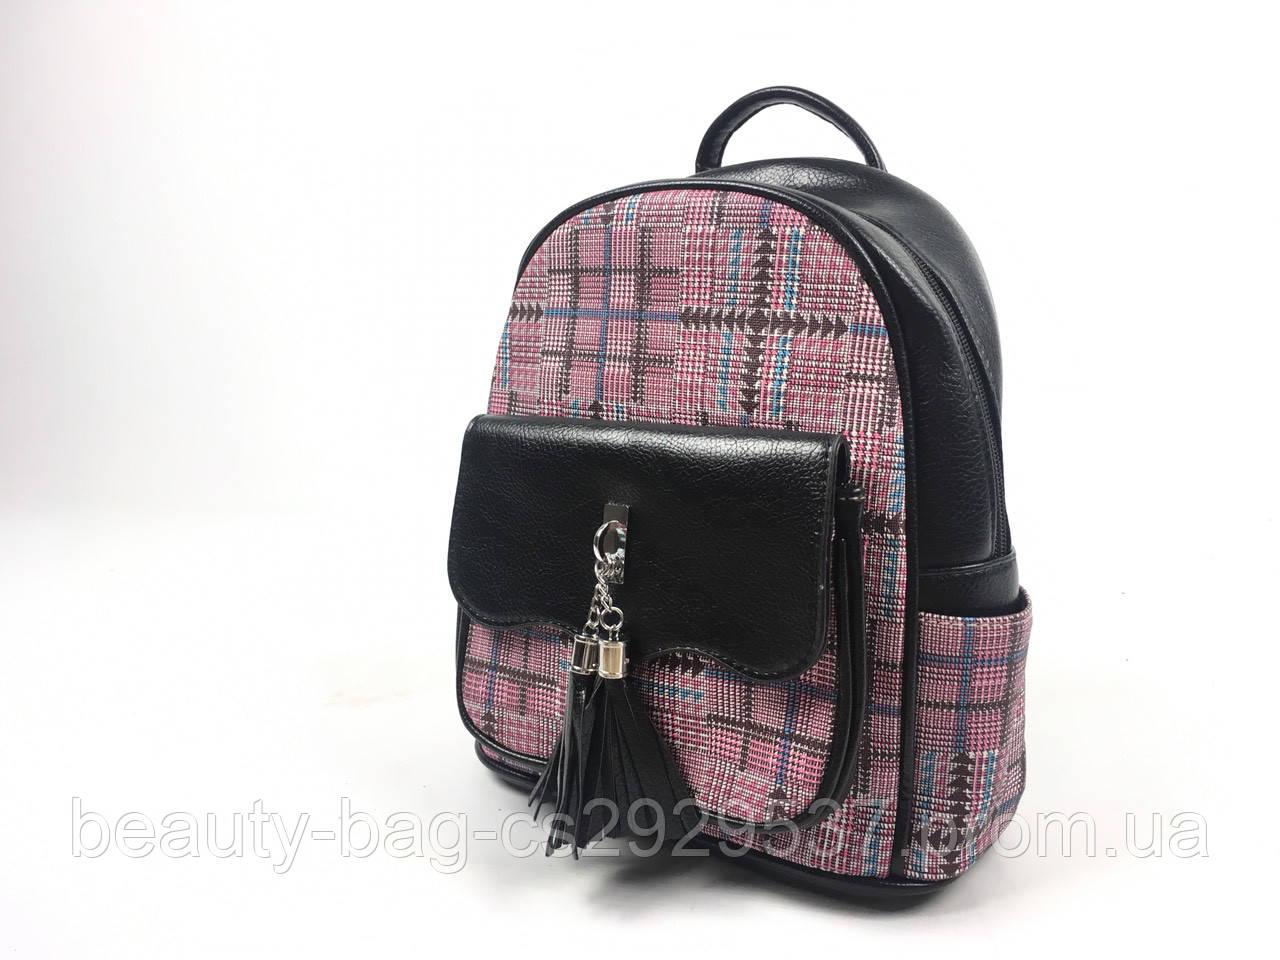 Рюкзак молодежный 7603 черный-розовый black-pink